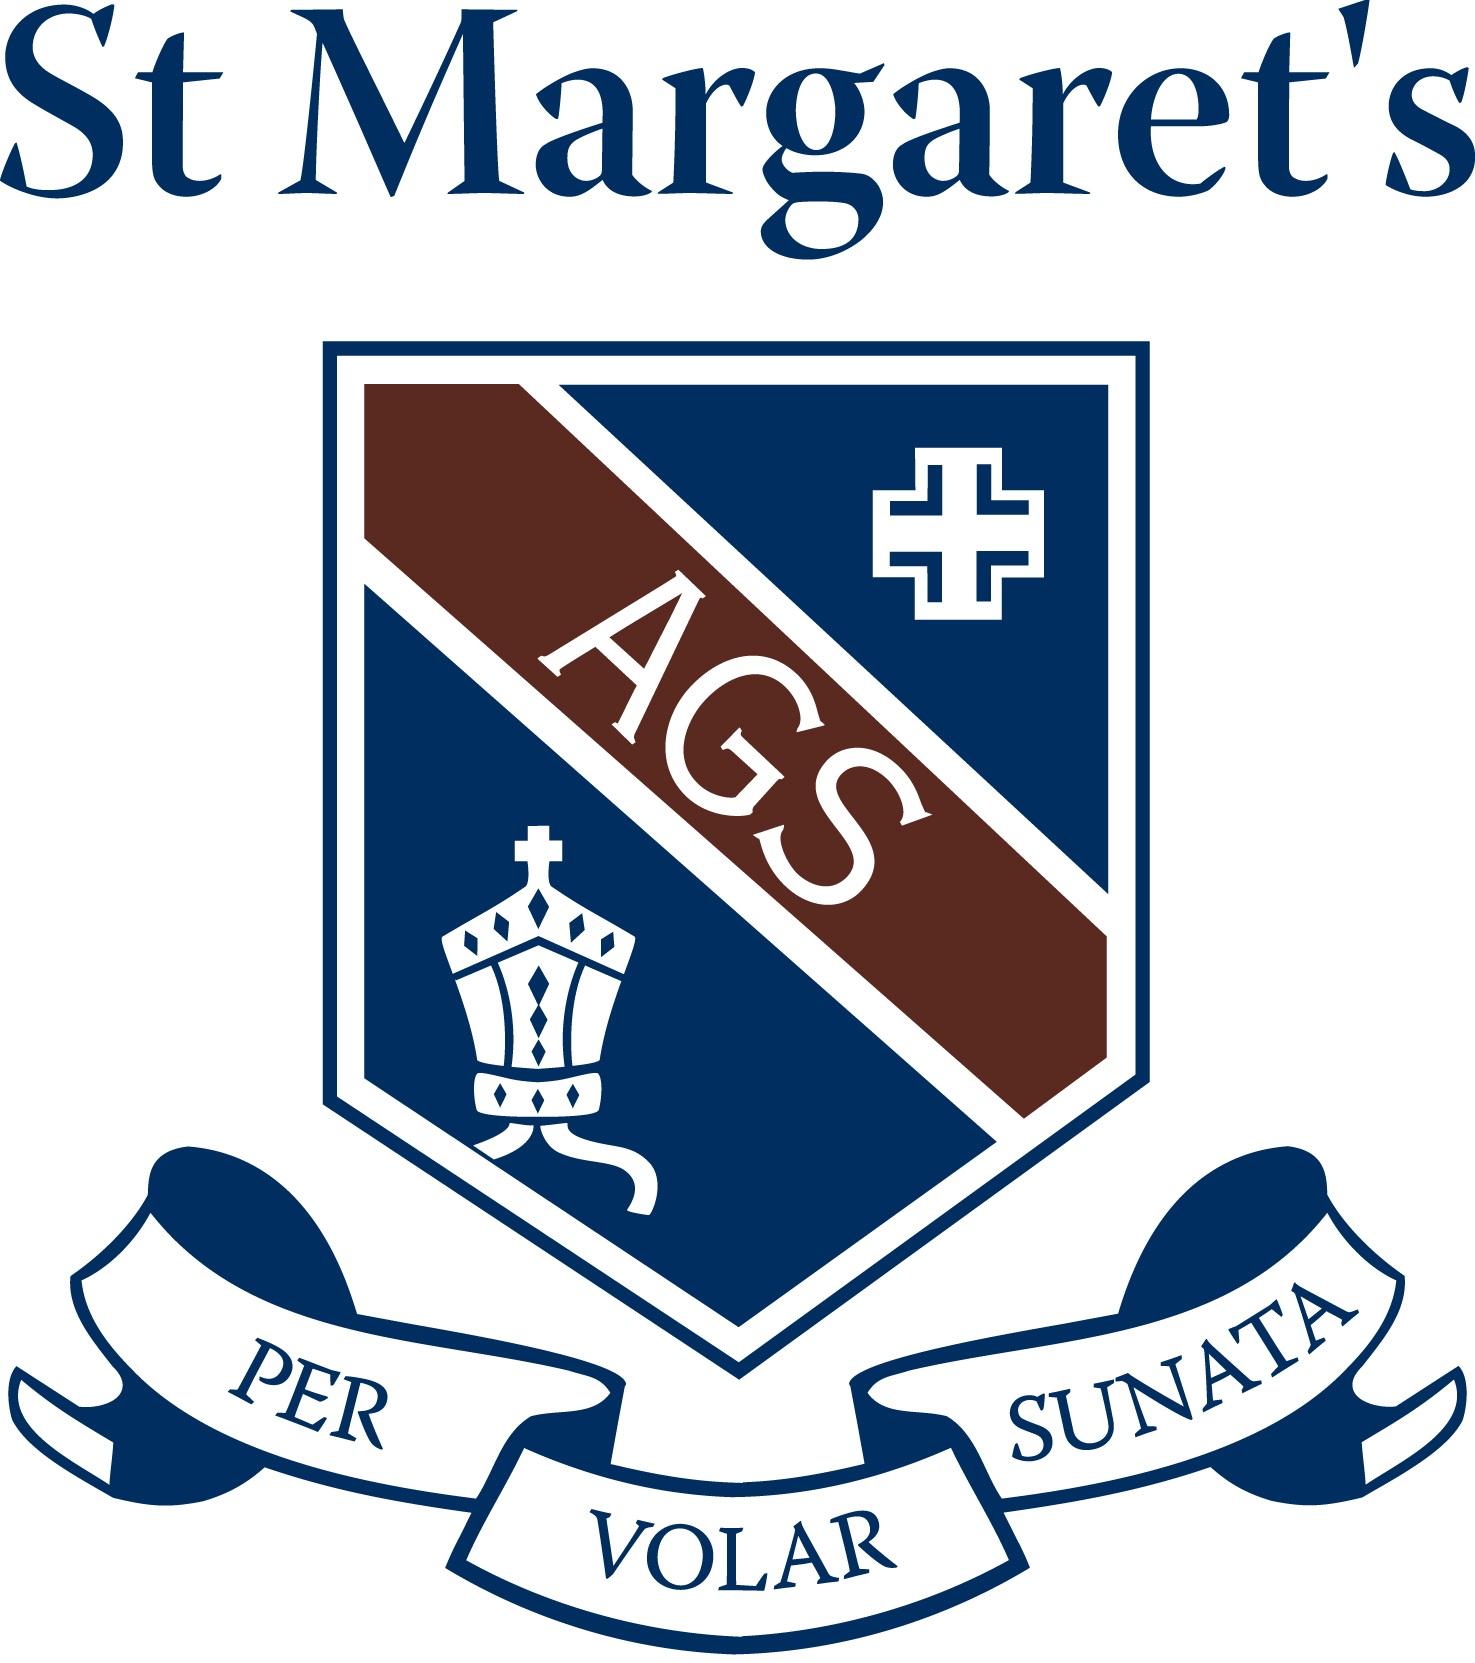 St. Margaret's